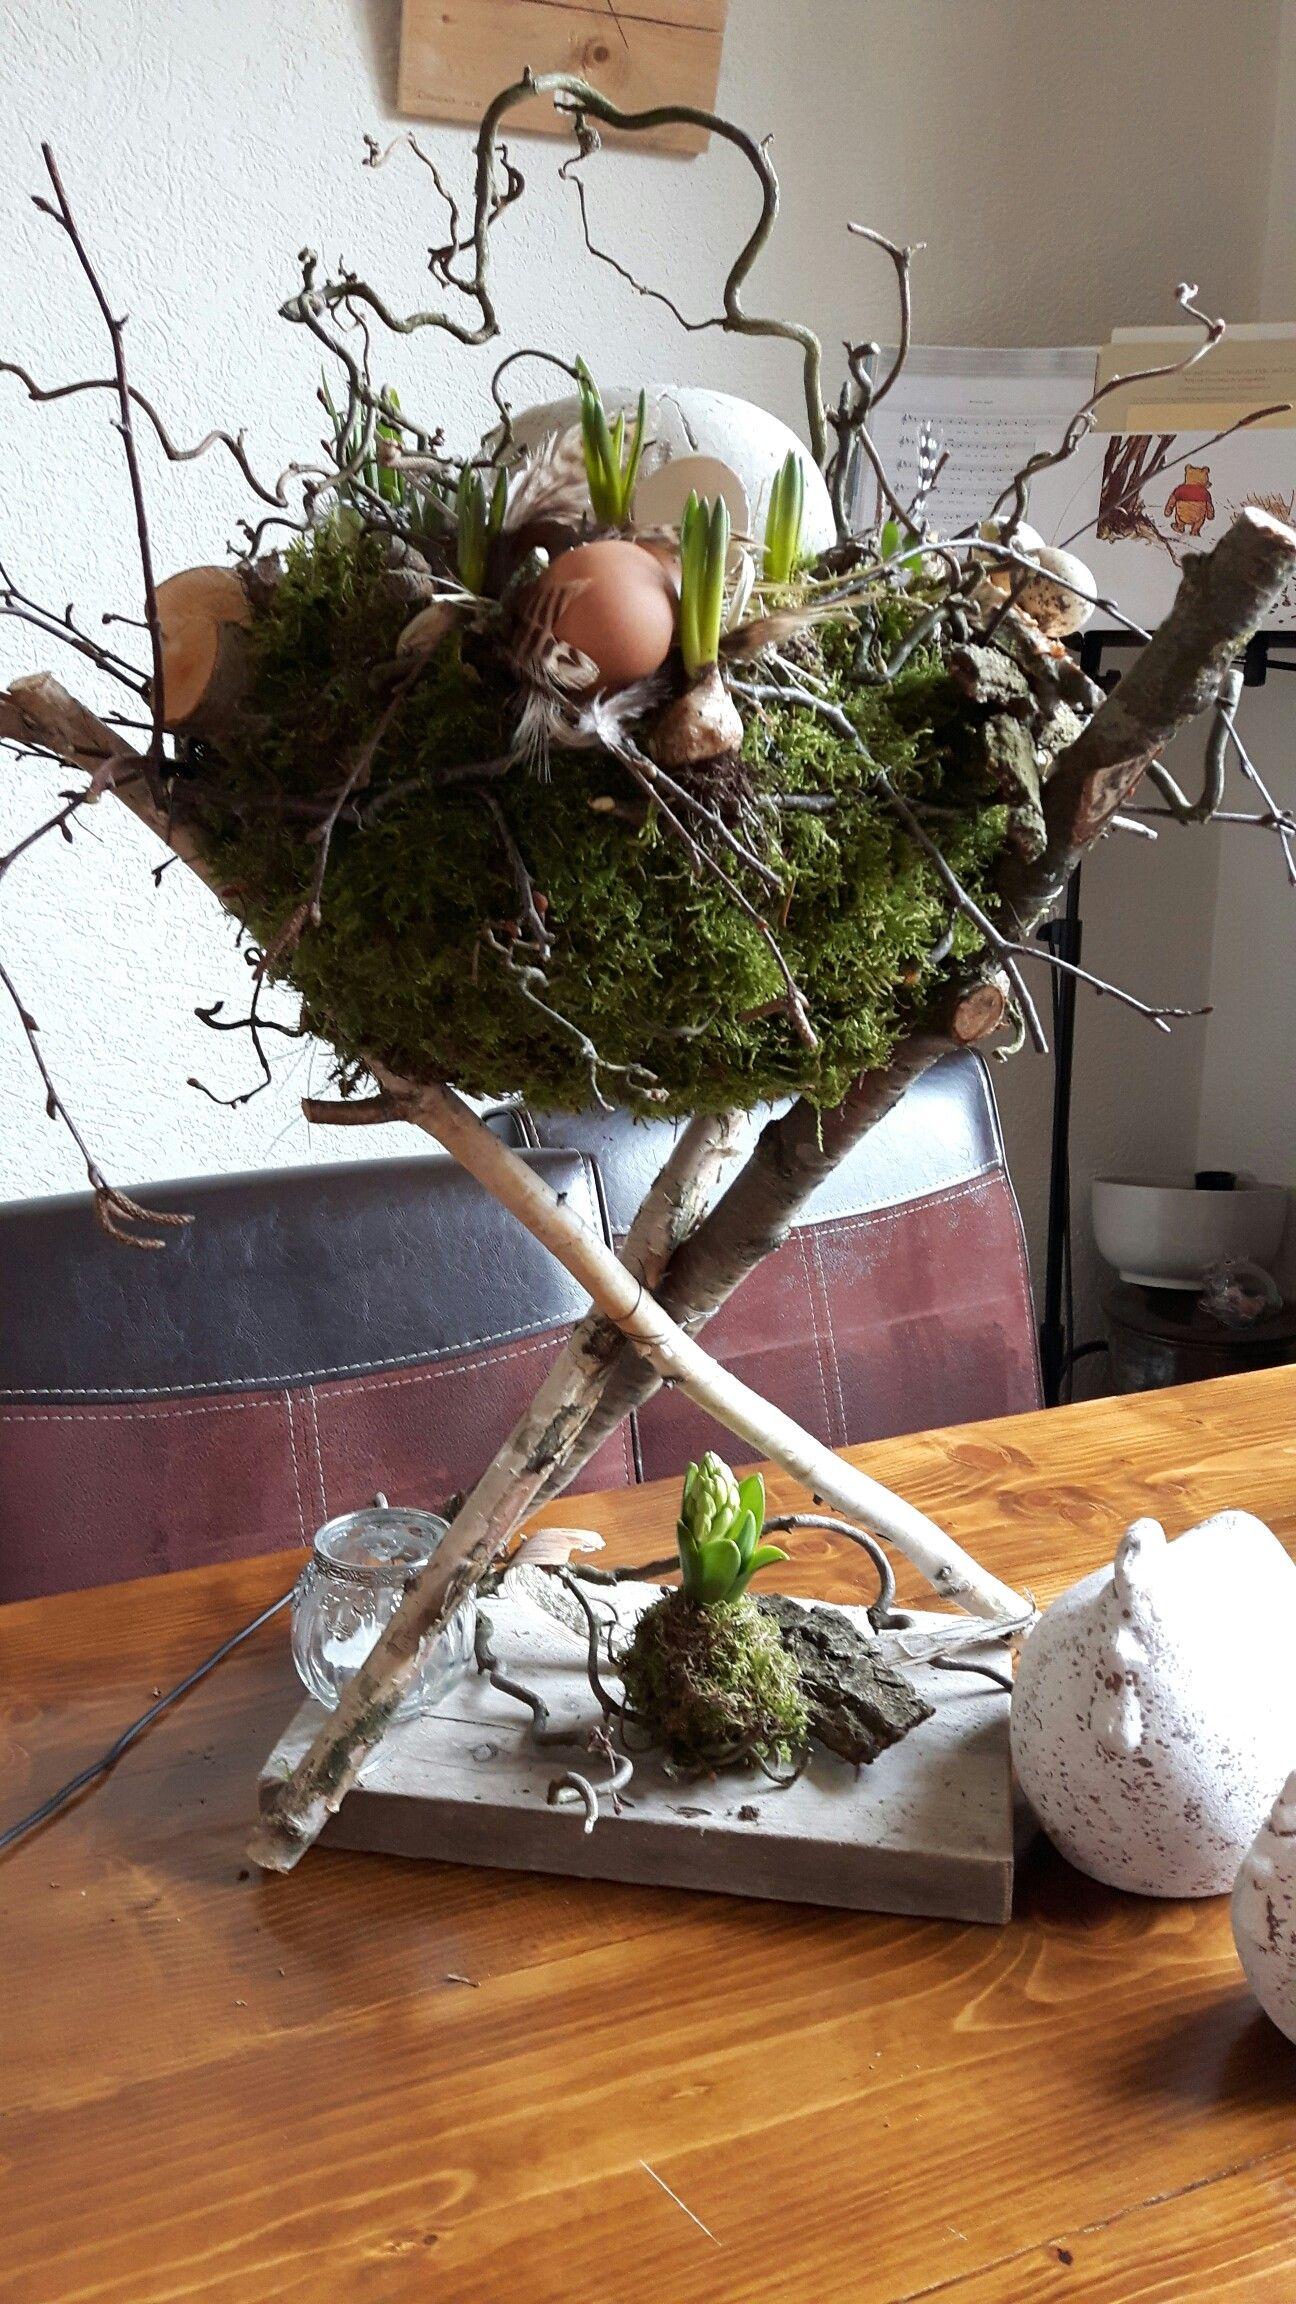 Ostern ostern pinterest ostern ostern deko und bastelideen ostern - Deko bastelideen ...